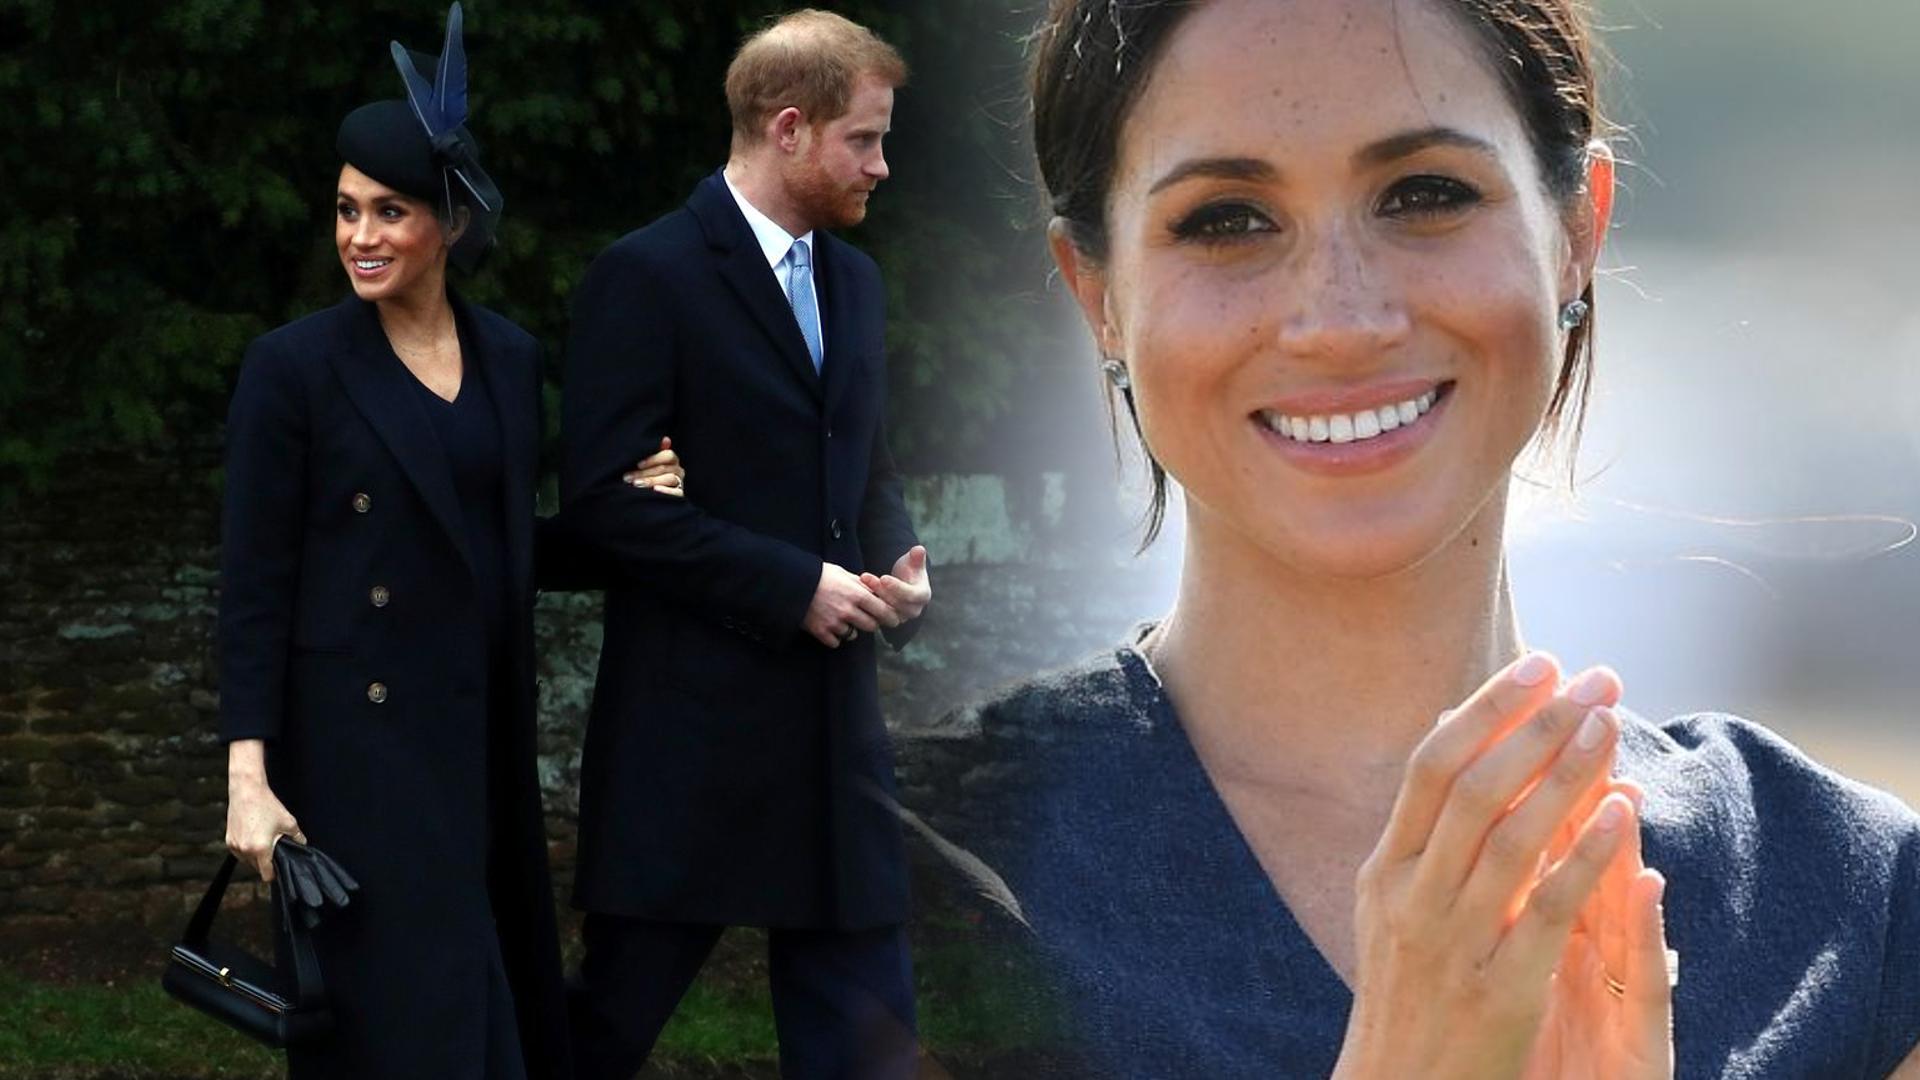 Specjalistka królewska o Meghan: przez to samo przechodziła Diana!